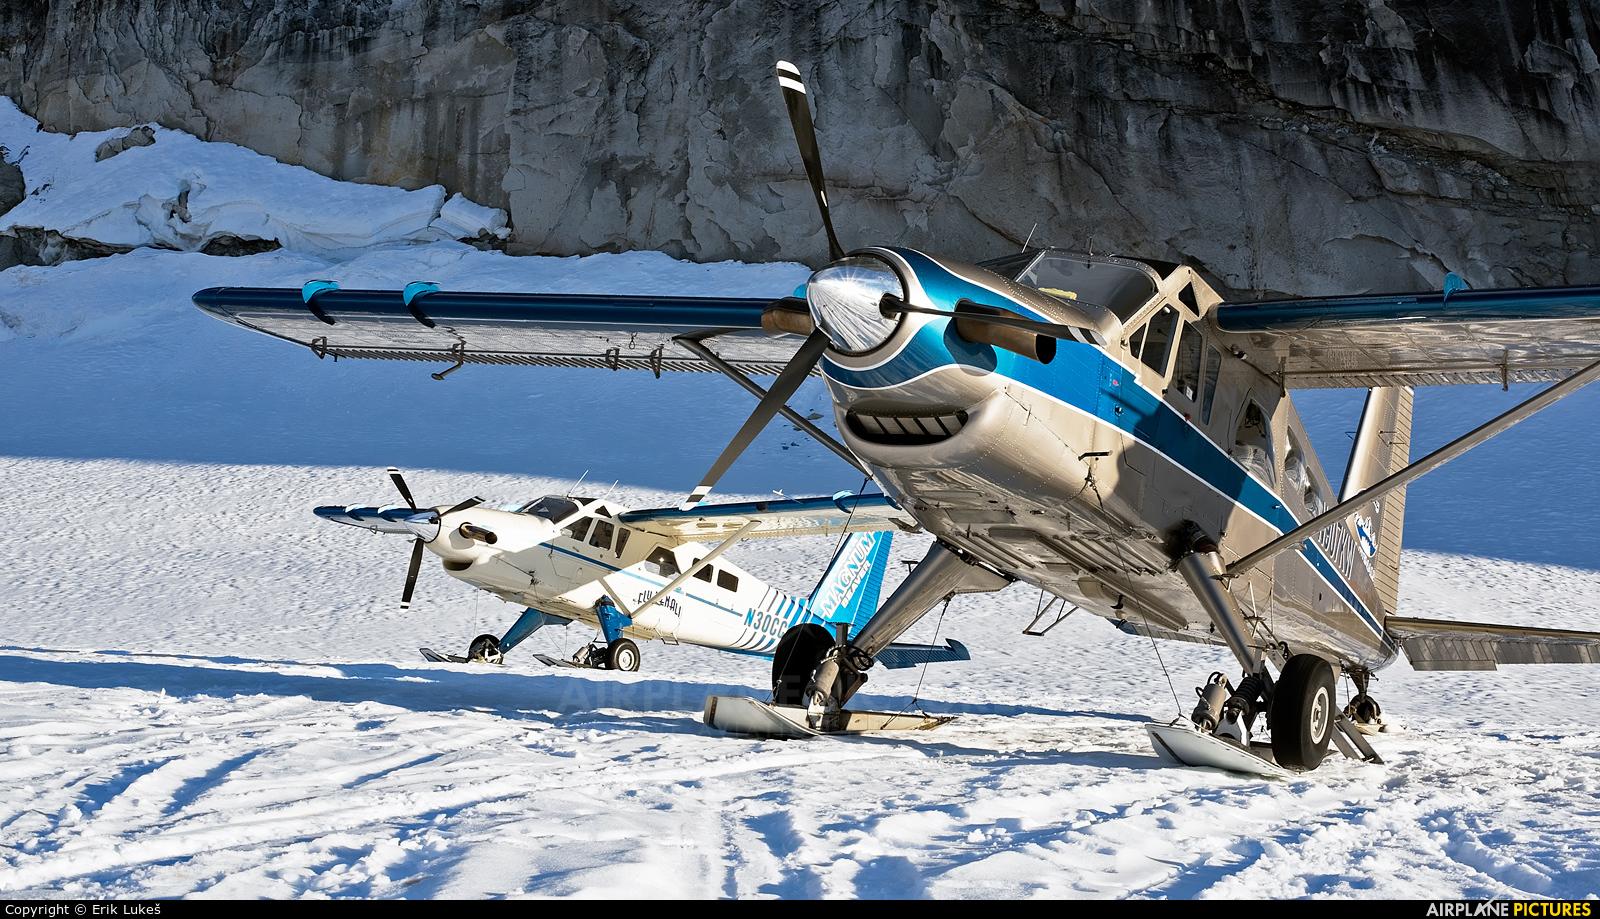 N907KW aircraft at Denali